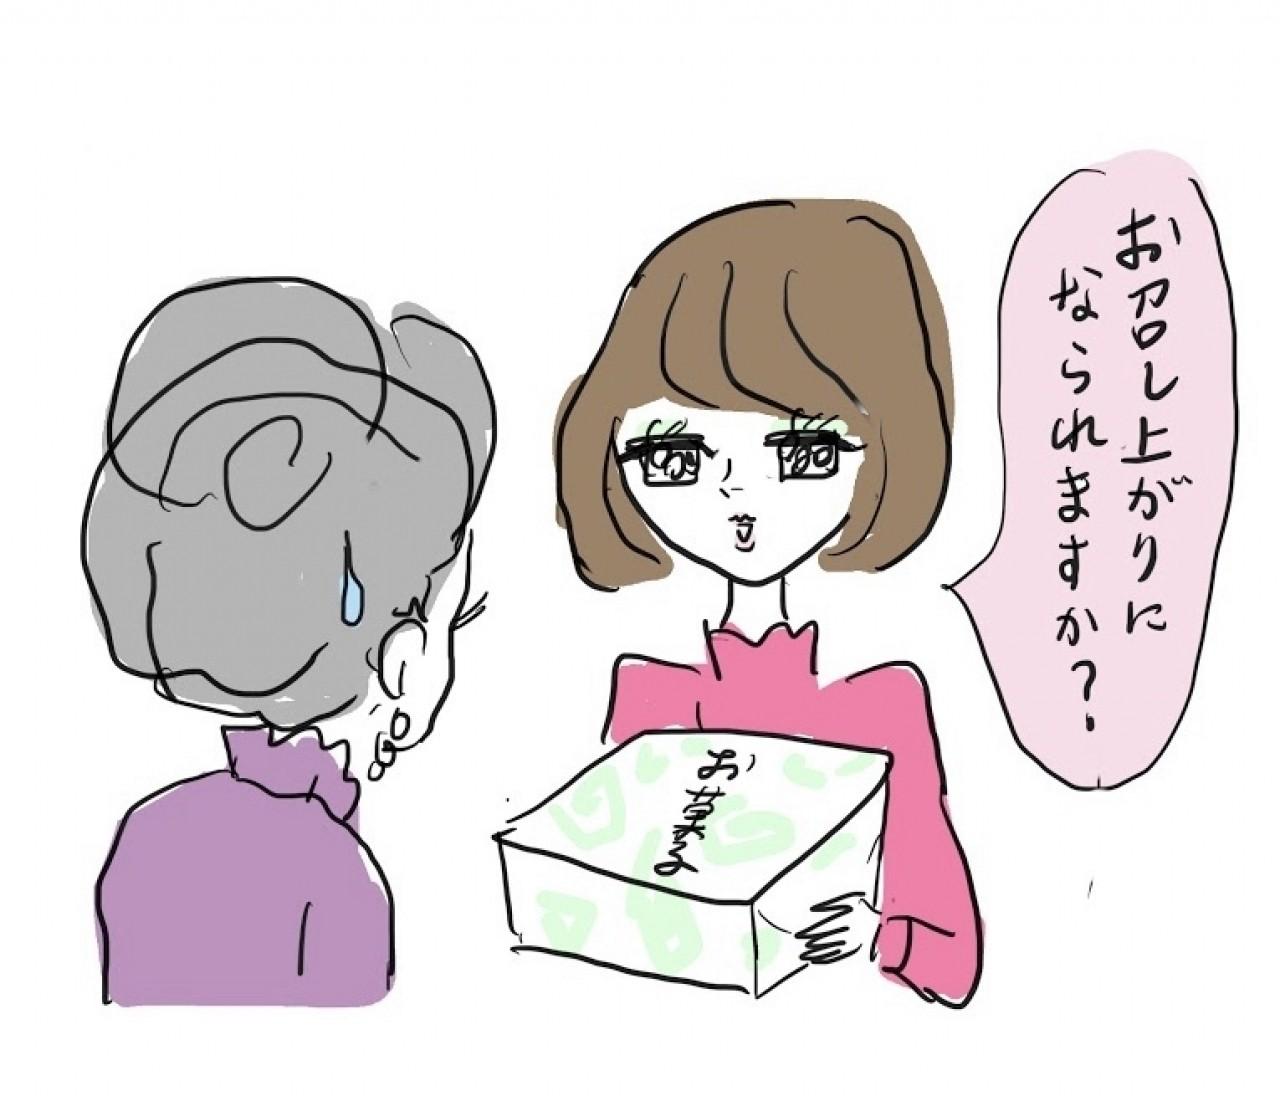 【大人女子のためのマナークイズ vol.5】 「お召し上がりになられますか?」は何が誤りか分かる?